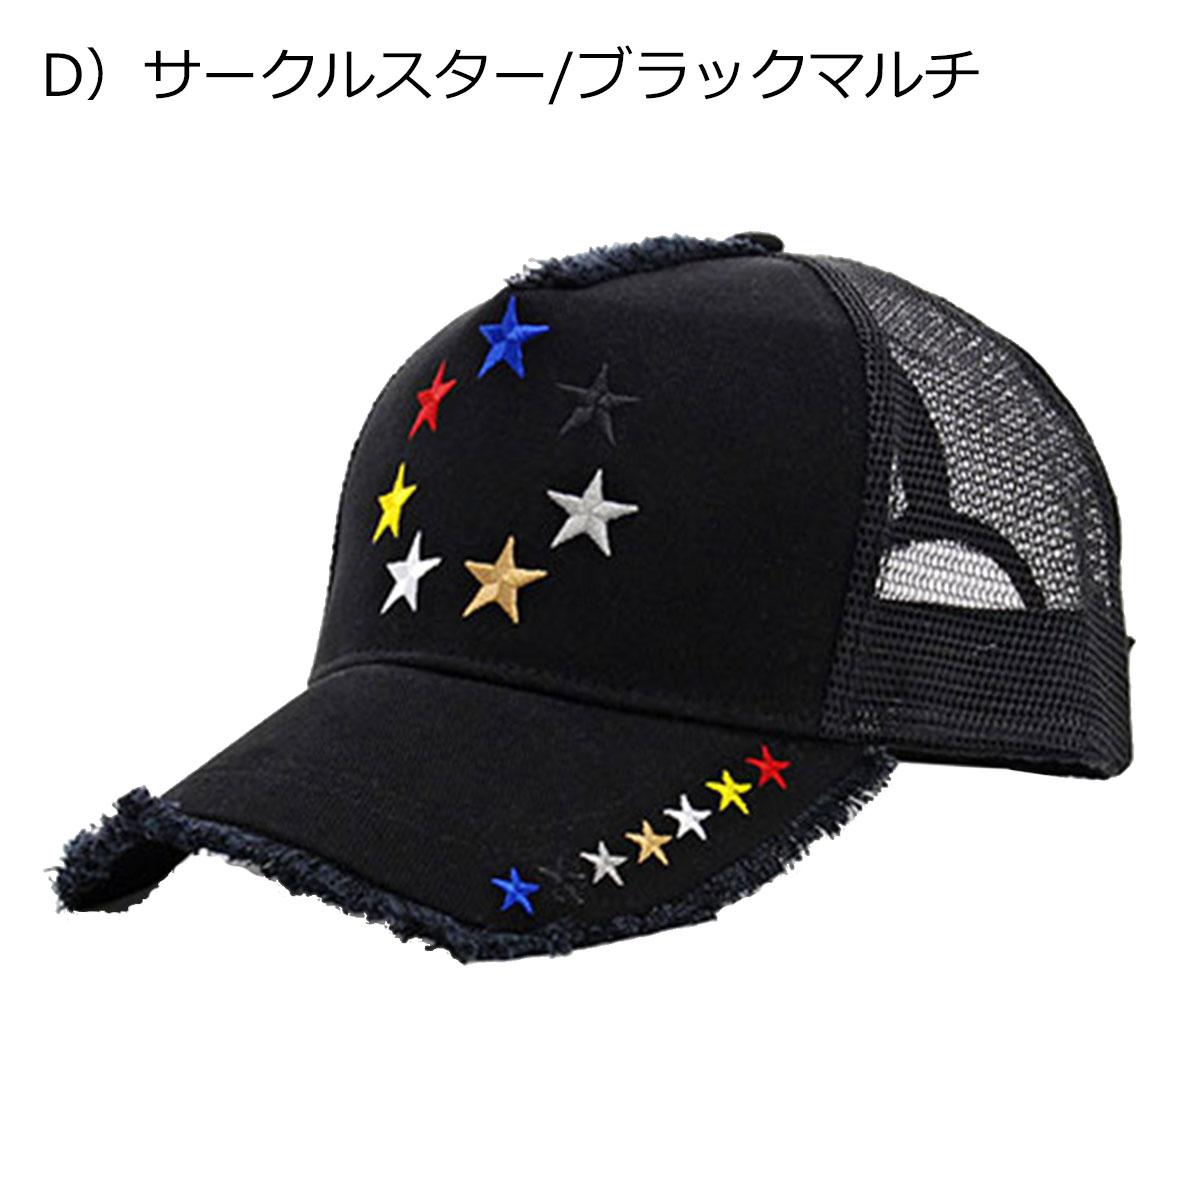 D)サークルスター/ブラックマルチ